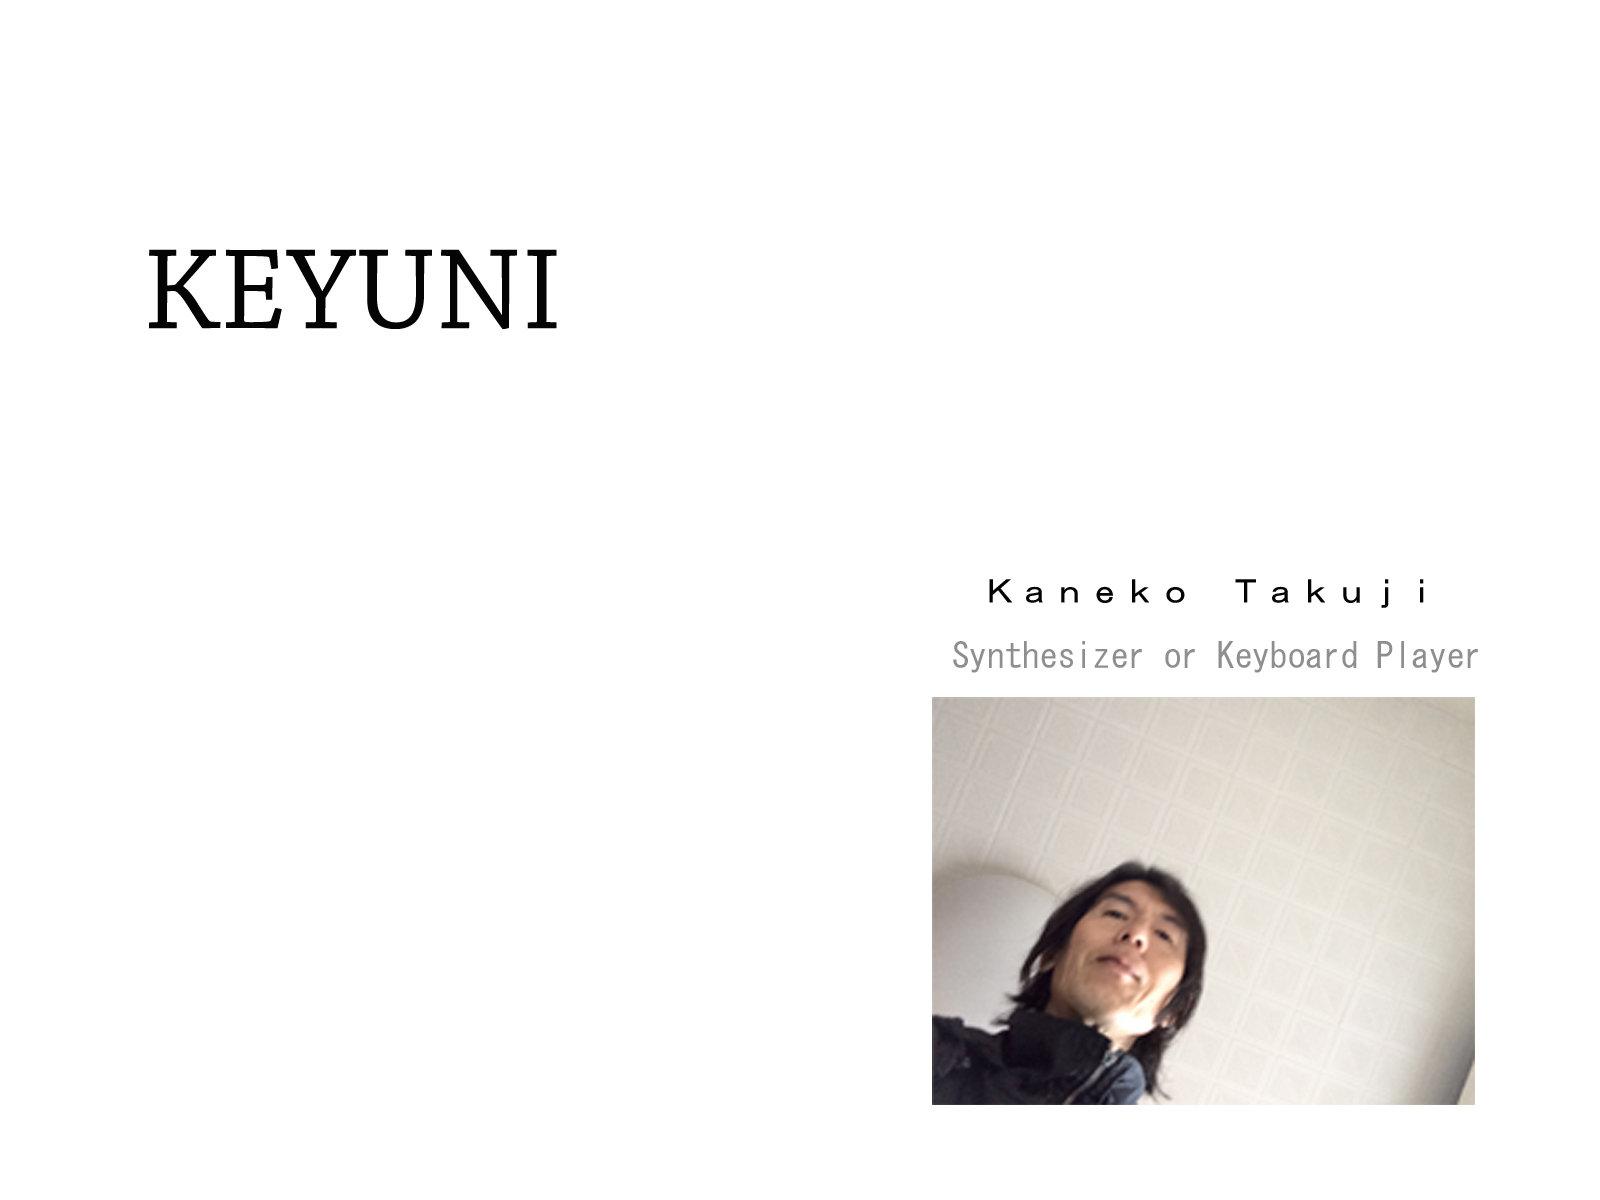 Keyuni